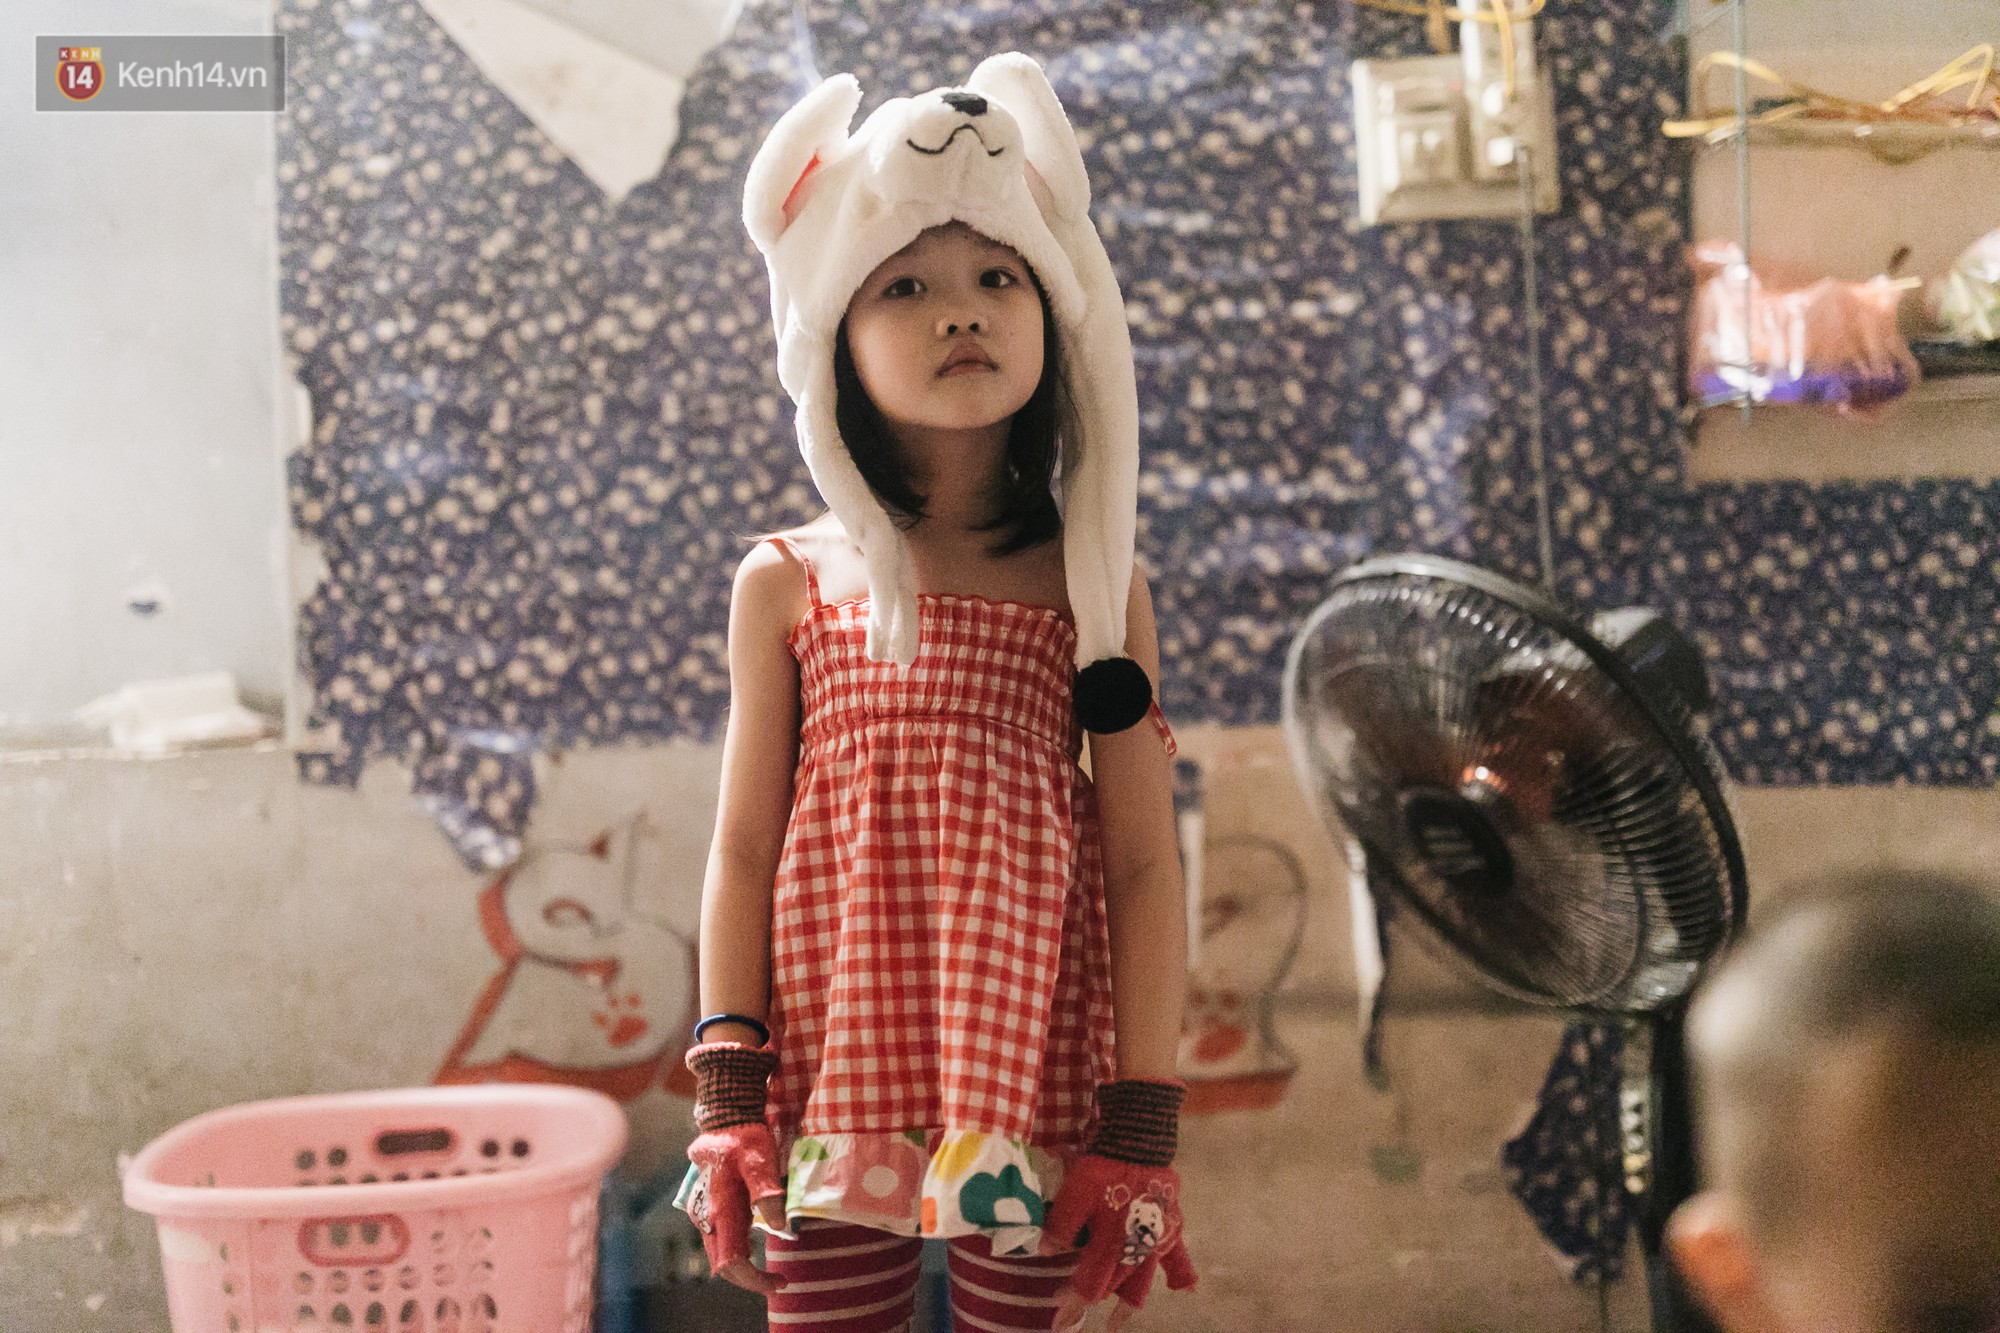 Bất ngờ nổi tiếng sau 1 đêm, bé gái 6 tuổi phối đồ chất ở Hà Nội trở về những ngày lang thang bán hàng rong cùng mẹ-9